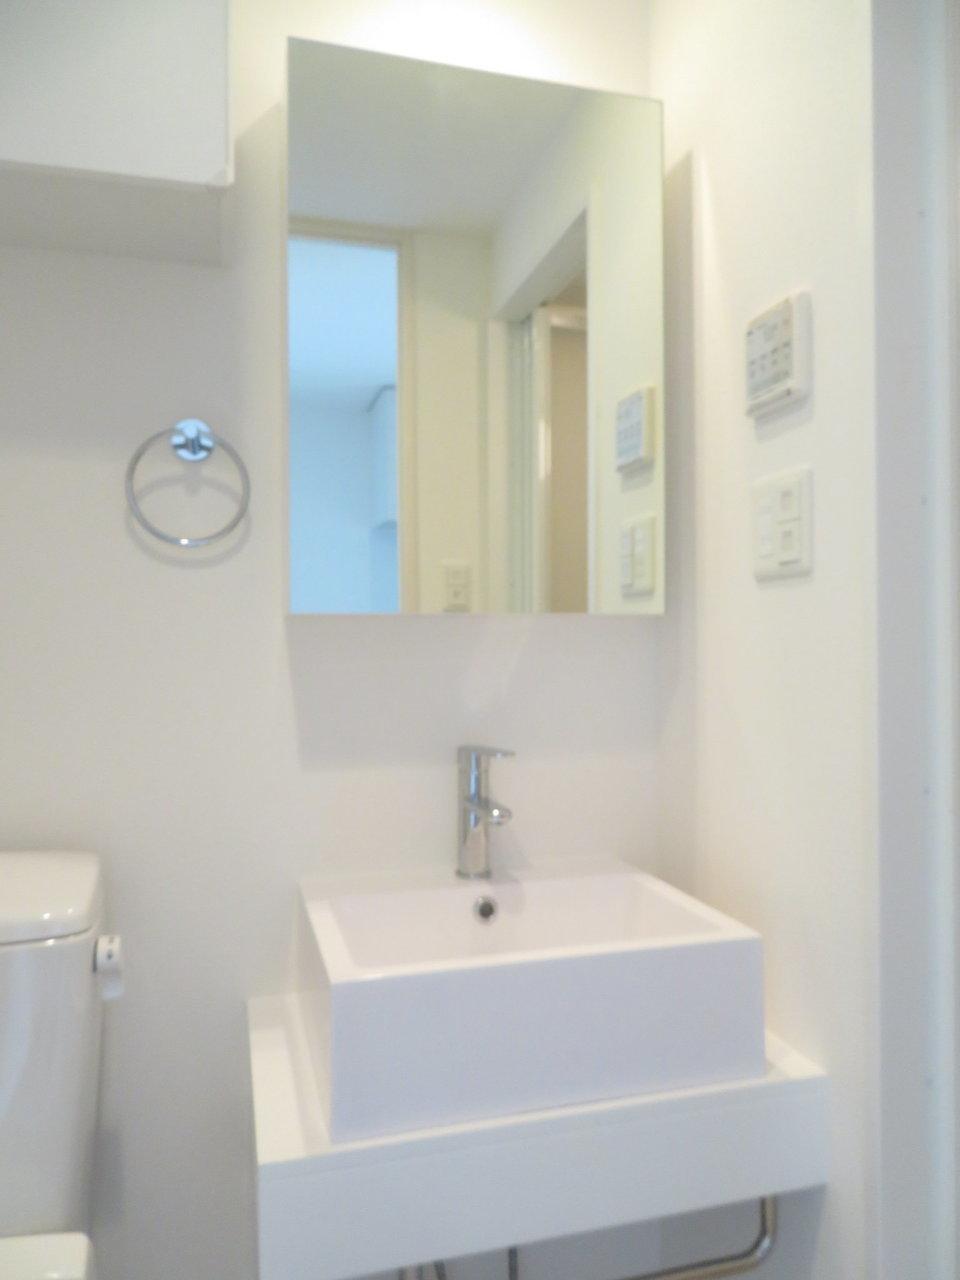 独立洗面台も完備。一人暮らしにこれはうれしい!